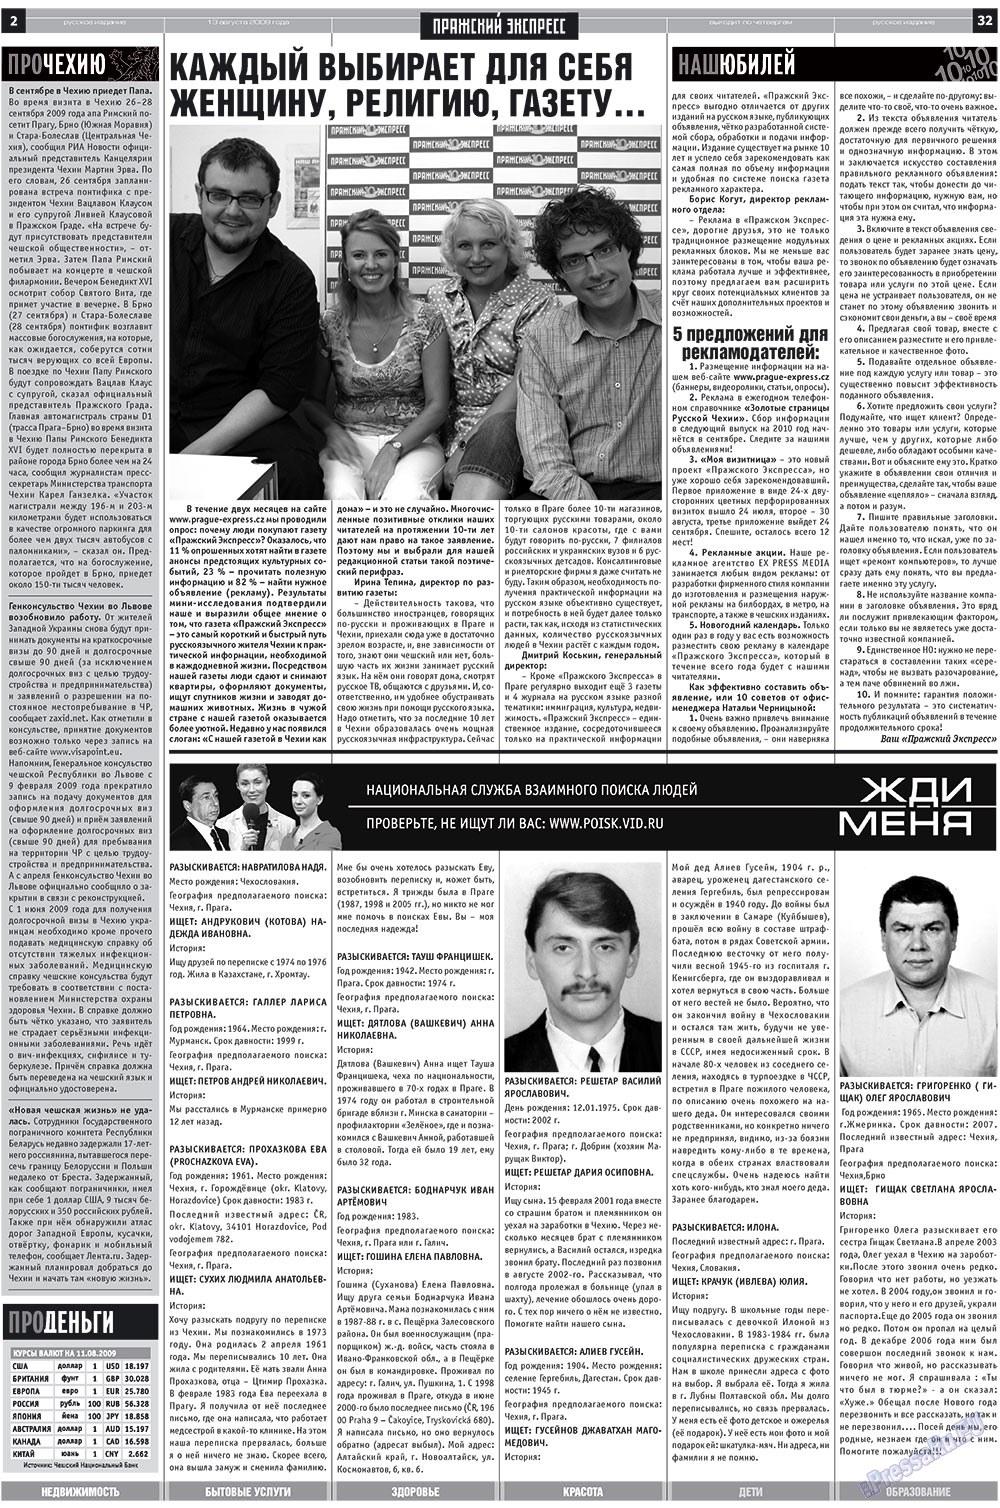 Пражский экспресс (газета). 2009 год, номер 32, стр. 2